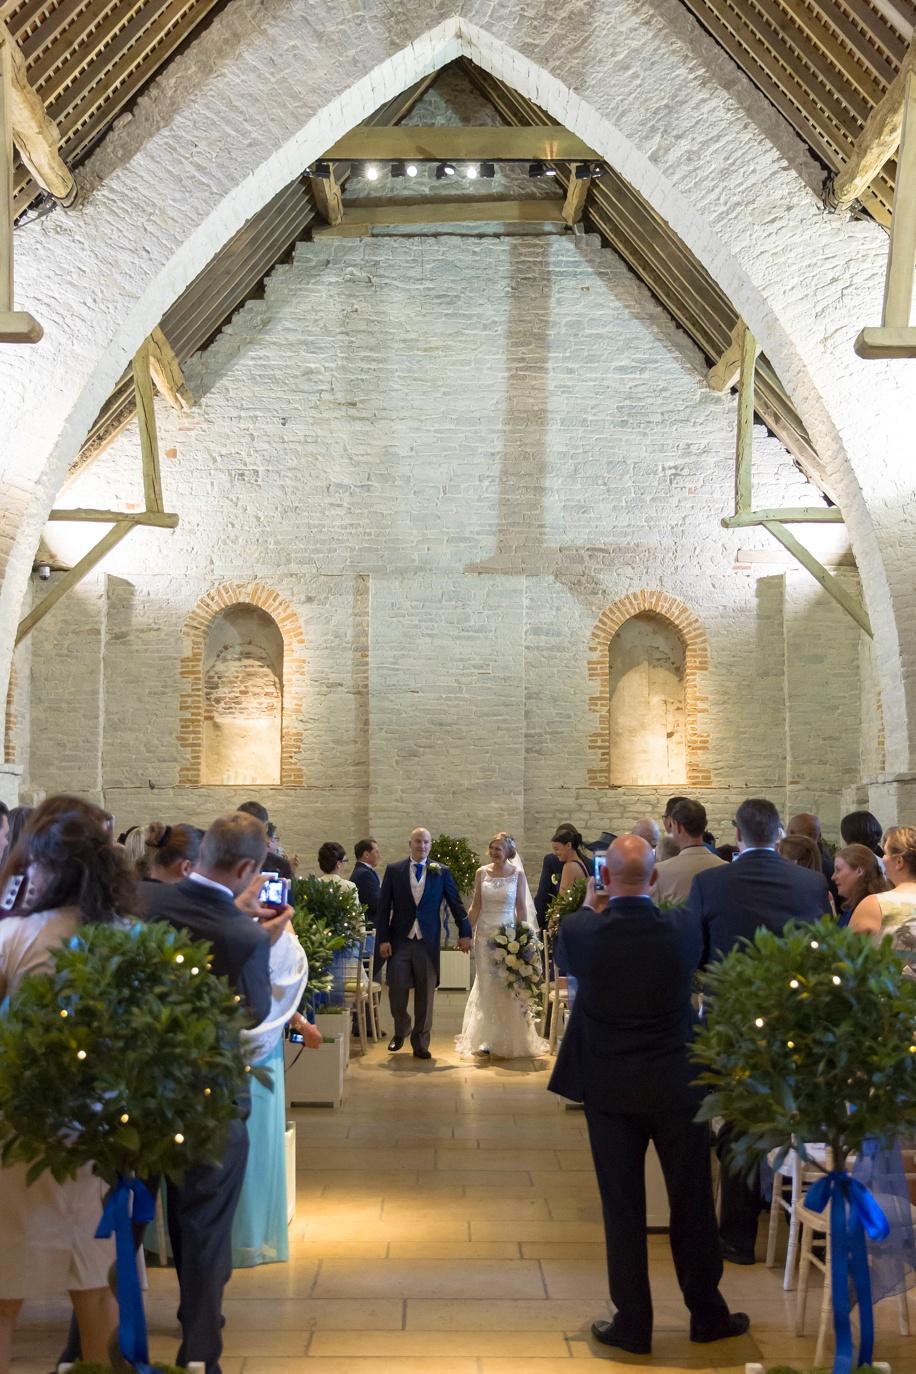 tithe-barn-wedding-photography-hmc120915_0025